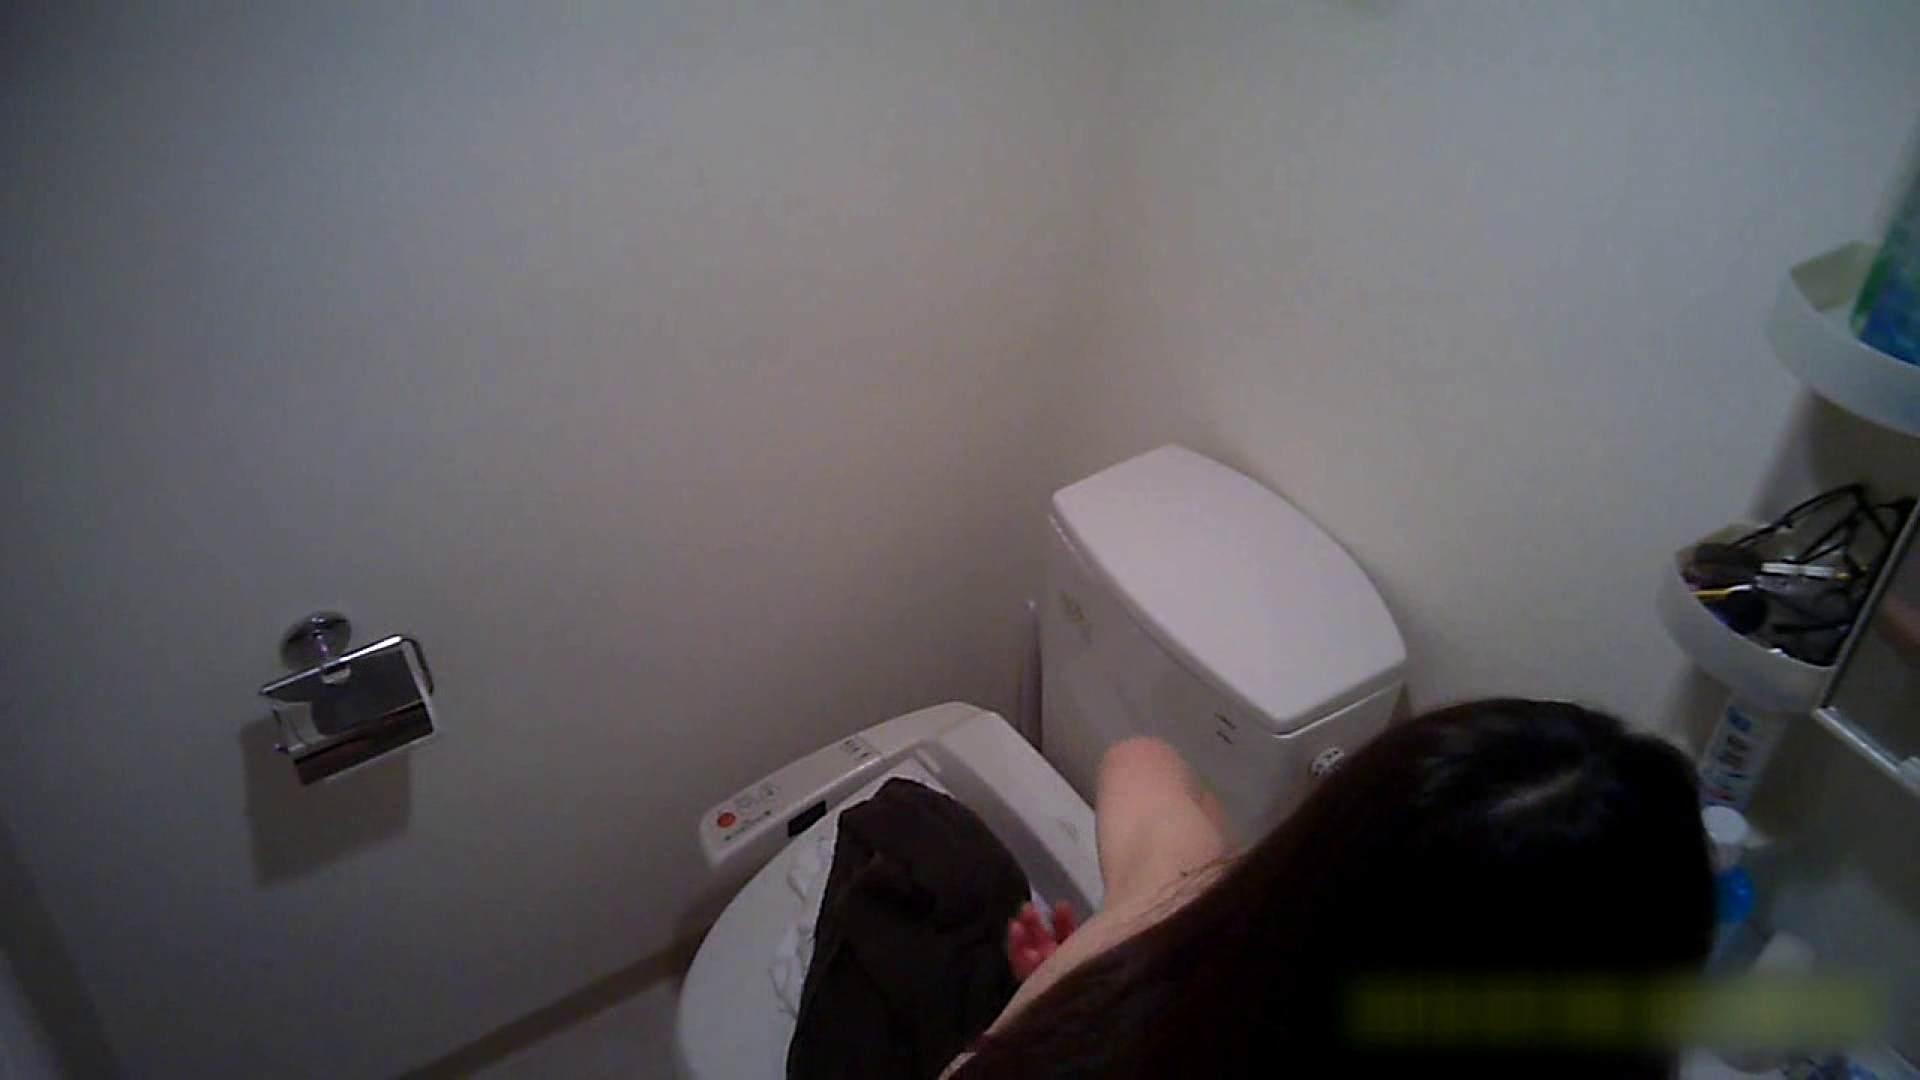 元気いっぱいノリノリ系なB子23歳(仮名)Vol.01 トイレ着替え編 トイレ | 着替えハメ撮り  73画像 73